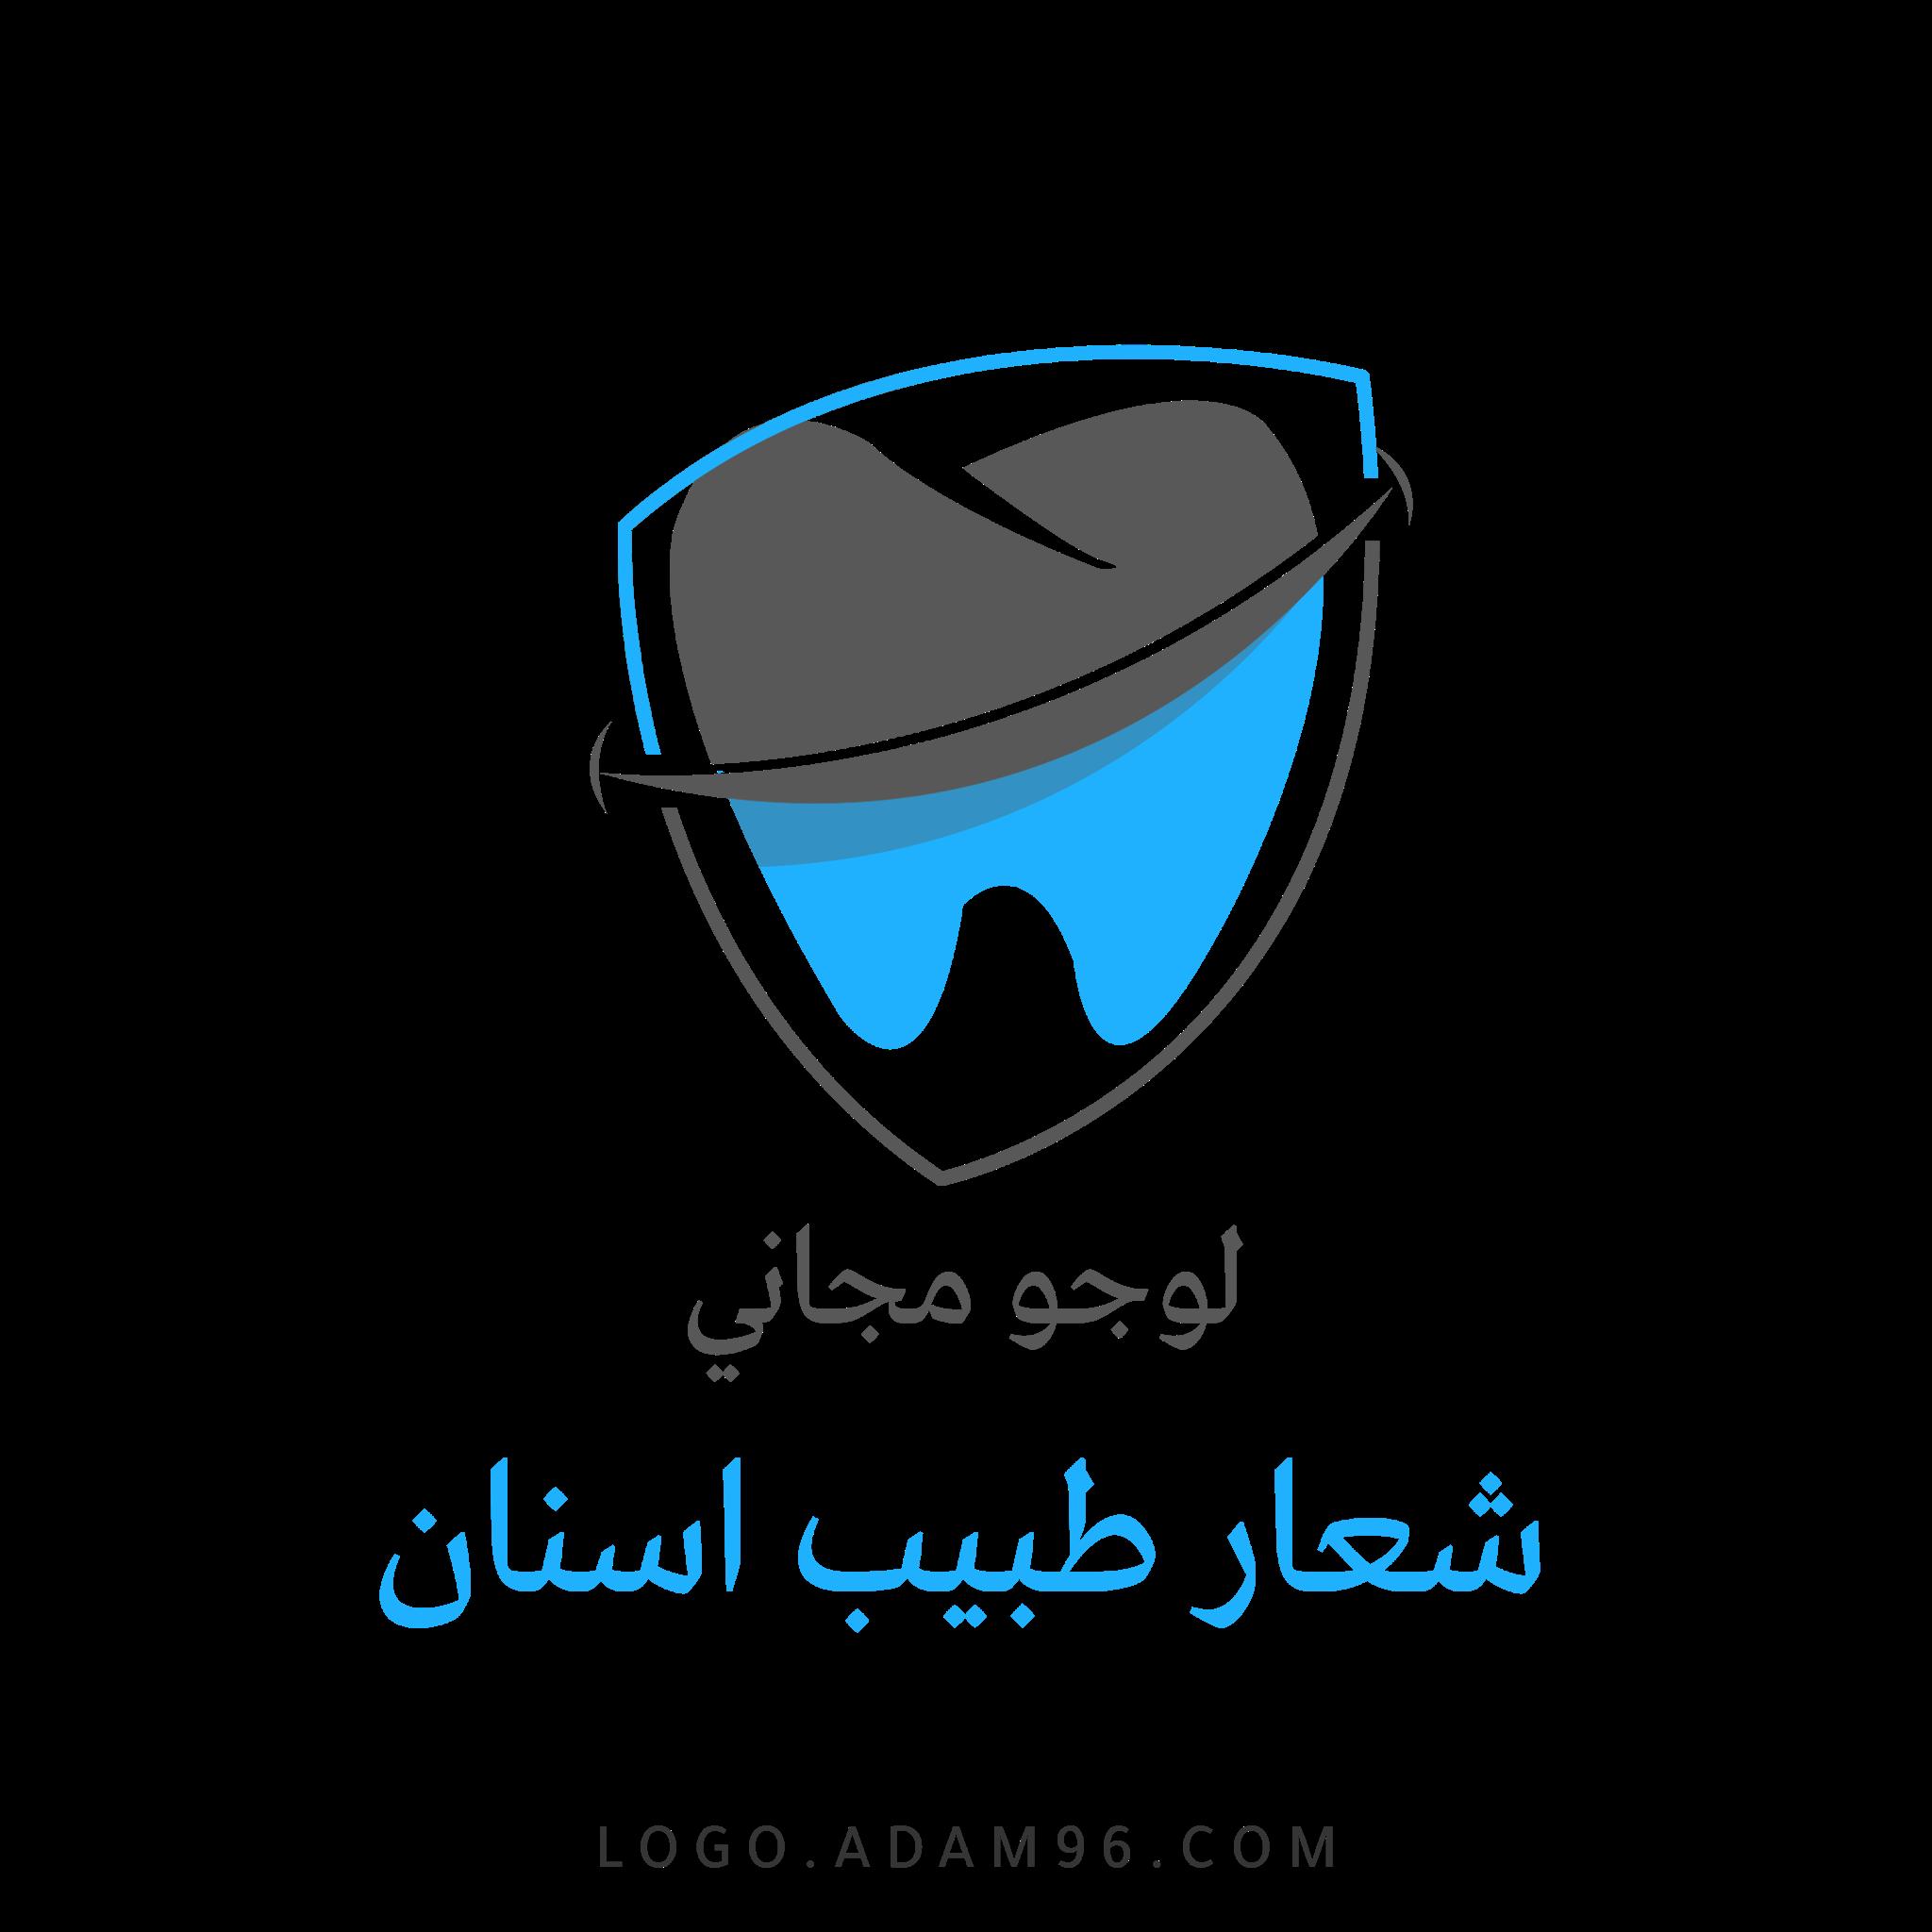 تحميل شعار طبيب اسنان مجاني بدون حقوق لوجو احترافي بصيغة PSD - PNG